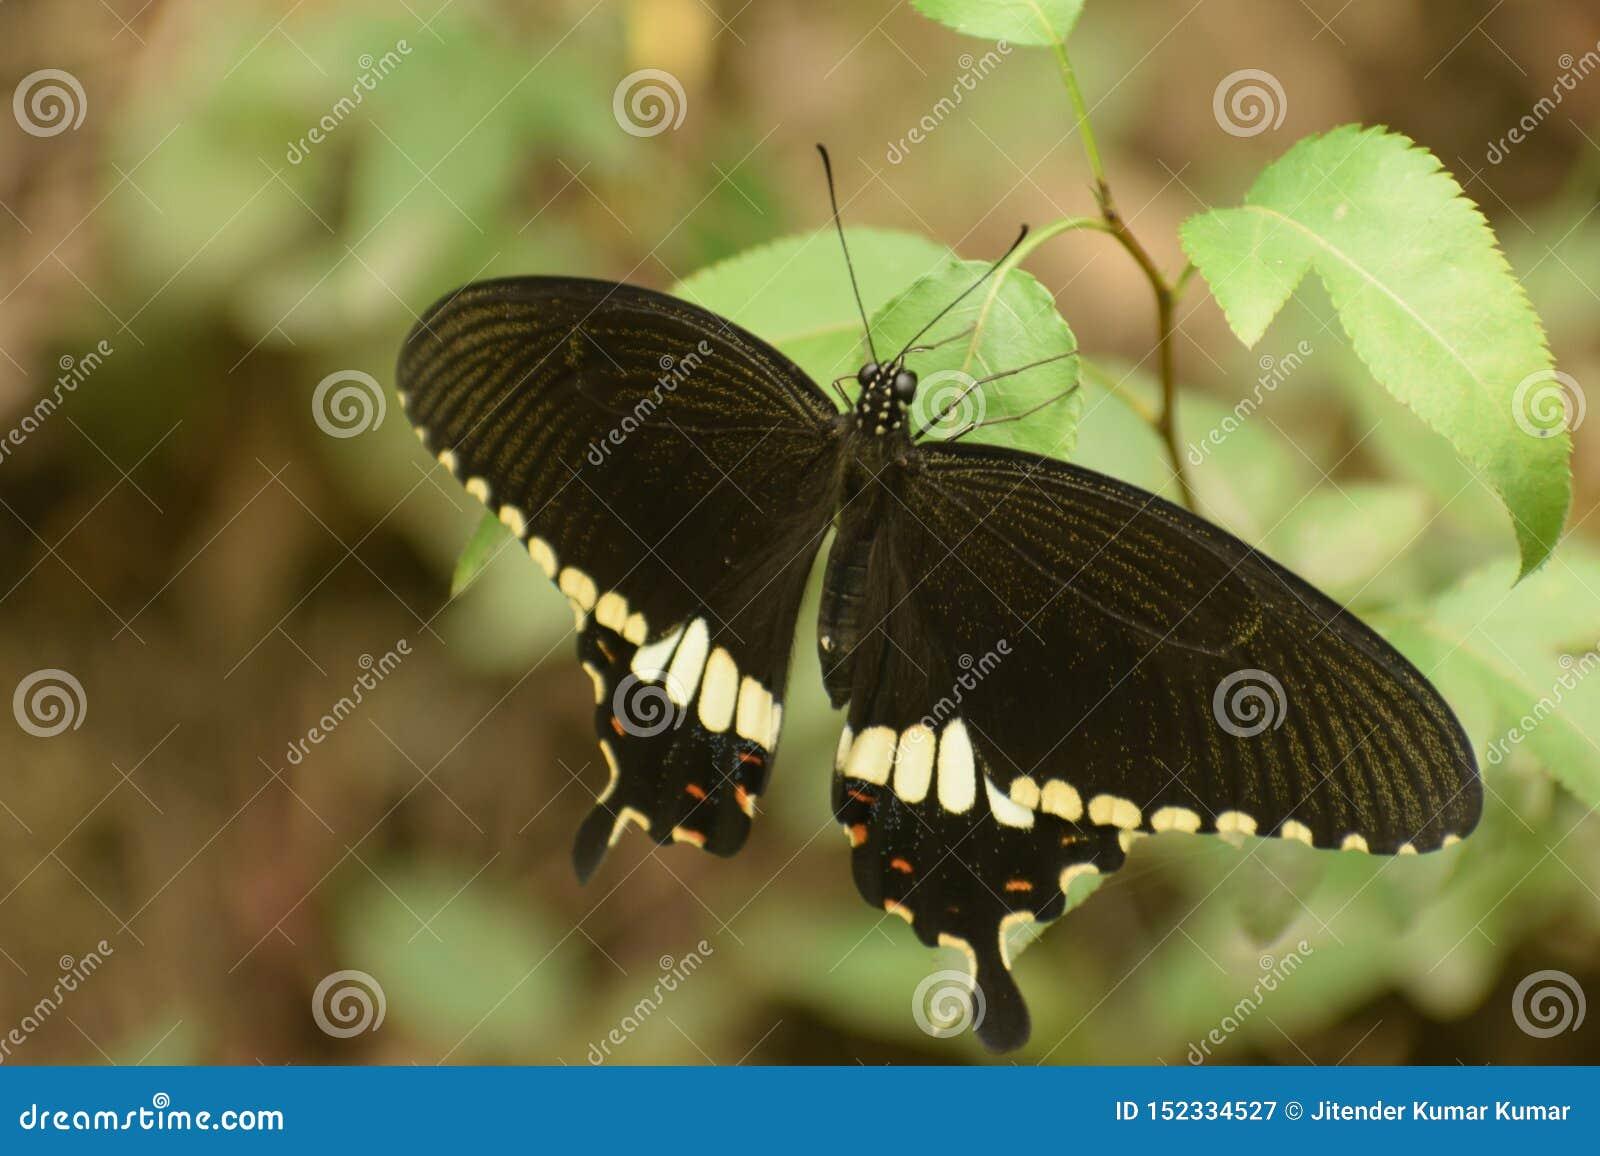 Mooie gemeenschappelijke mormoonse mannelijke papilio polytes vlinder